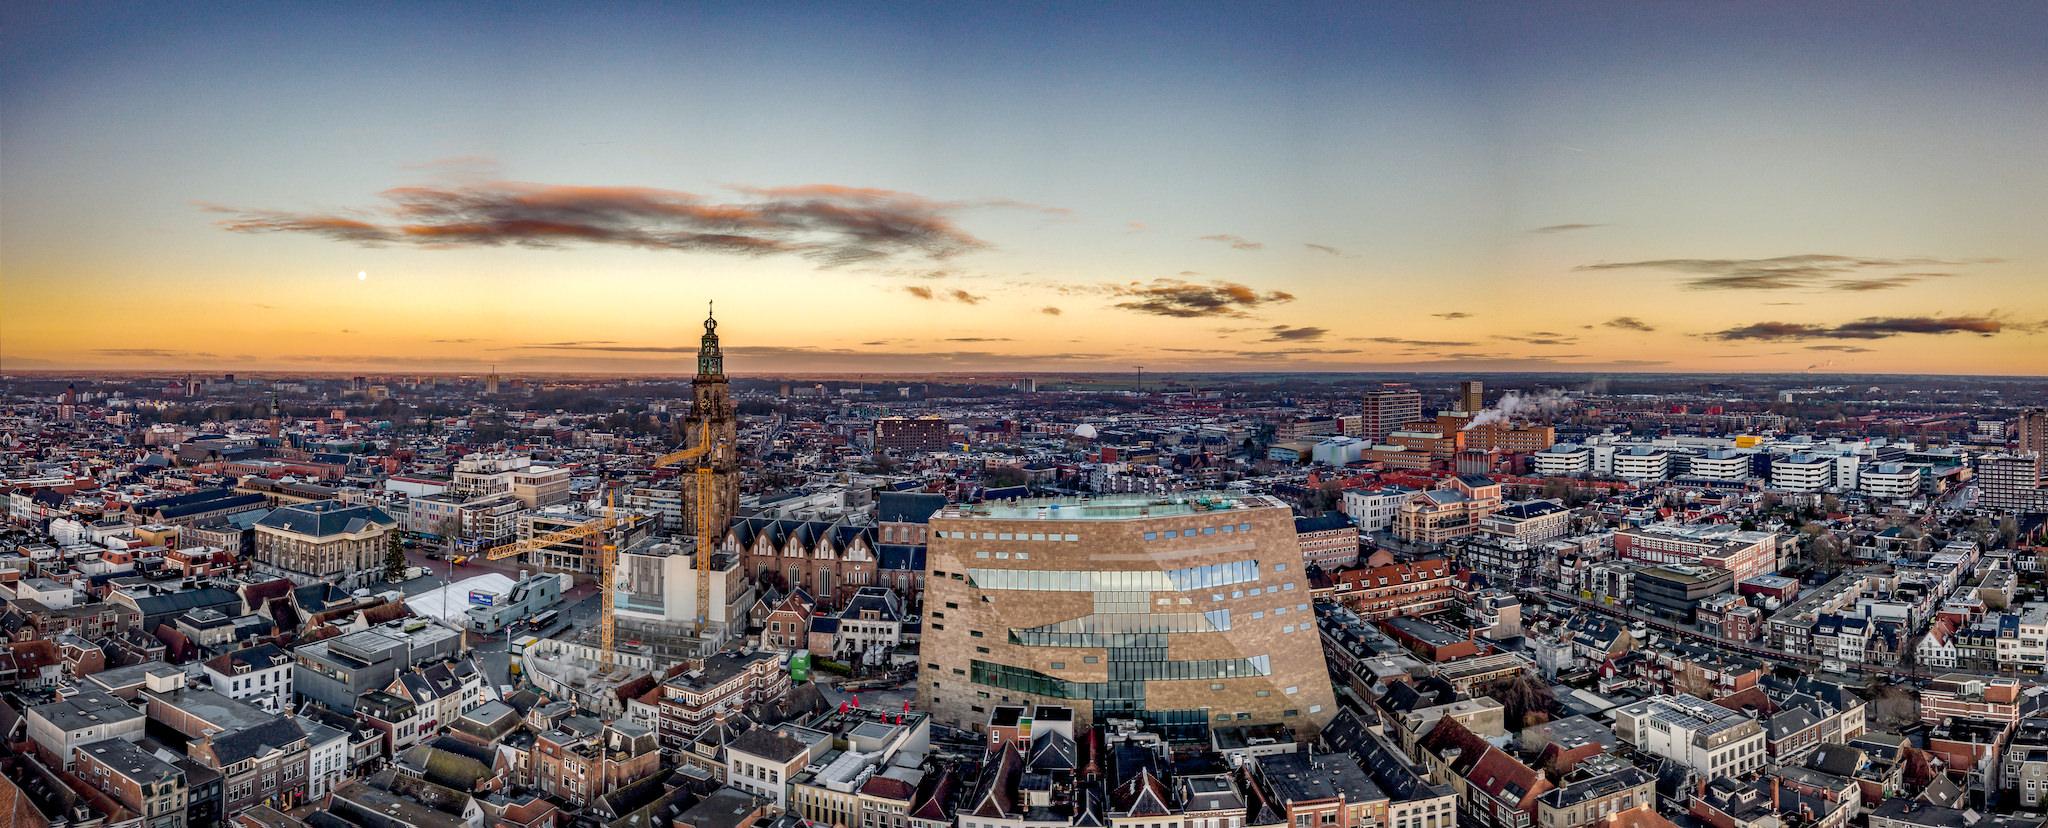 öffnungszeiten Groningen